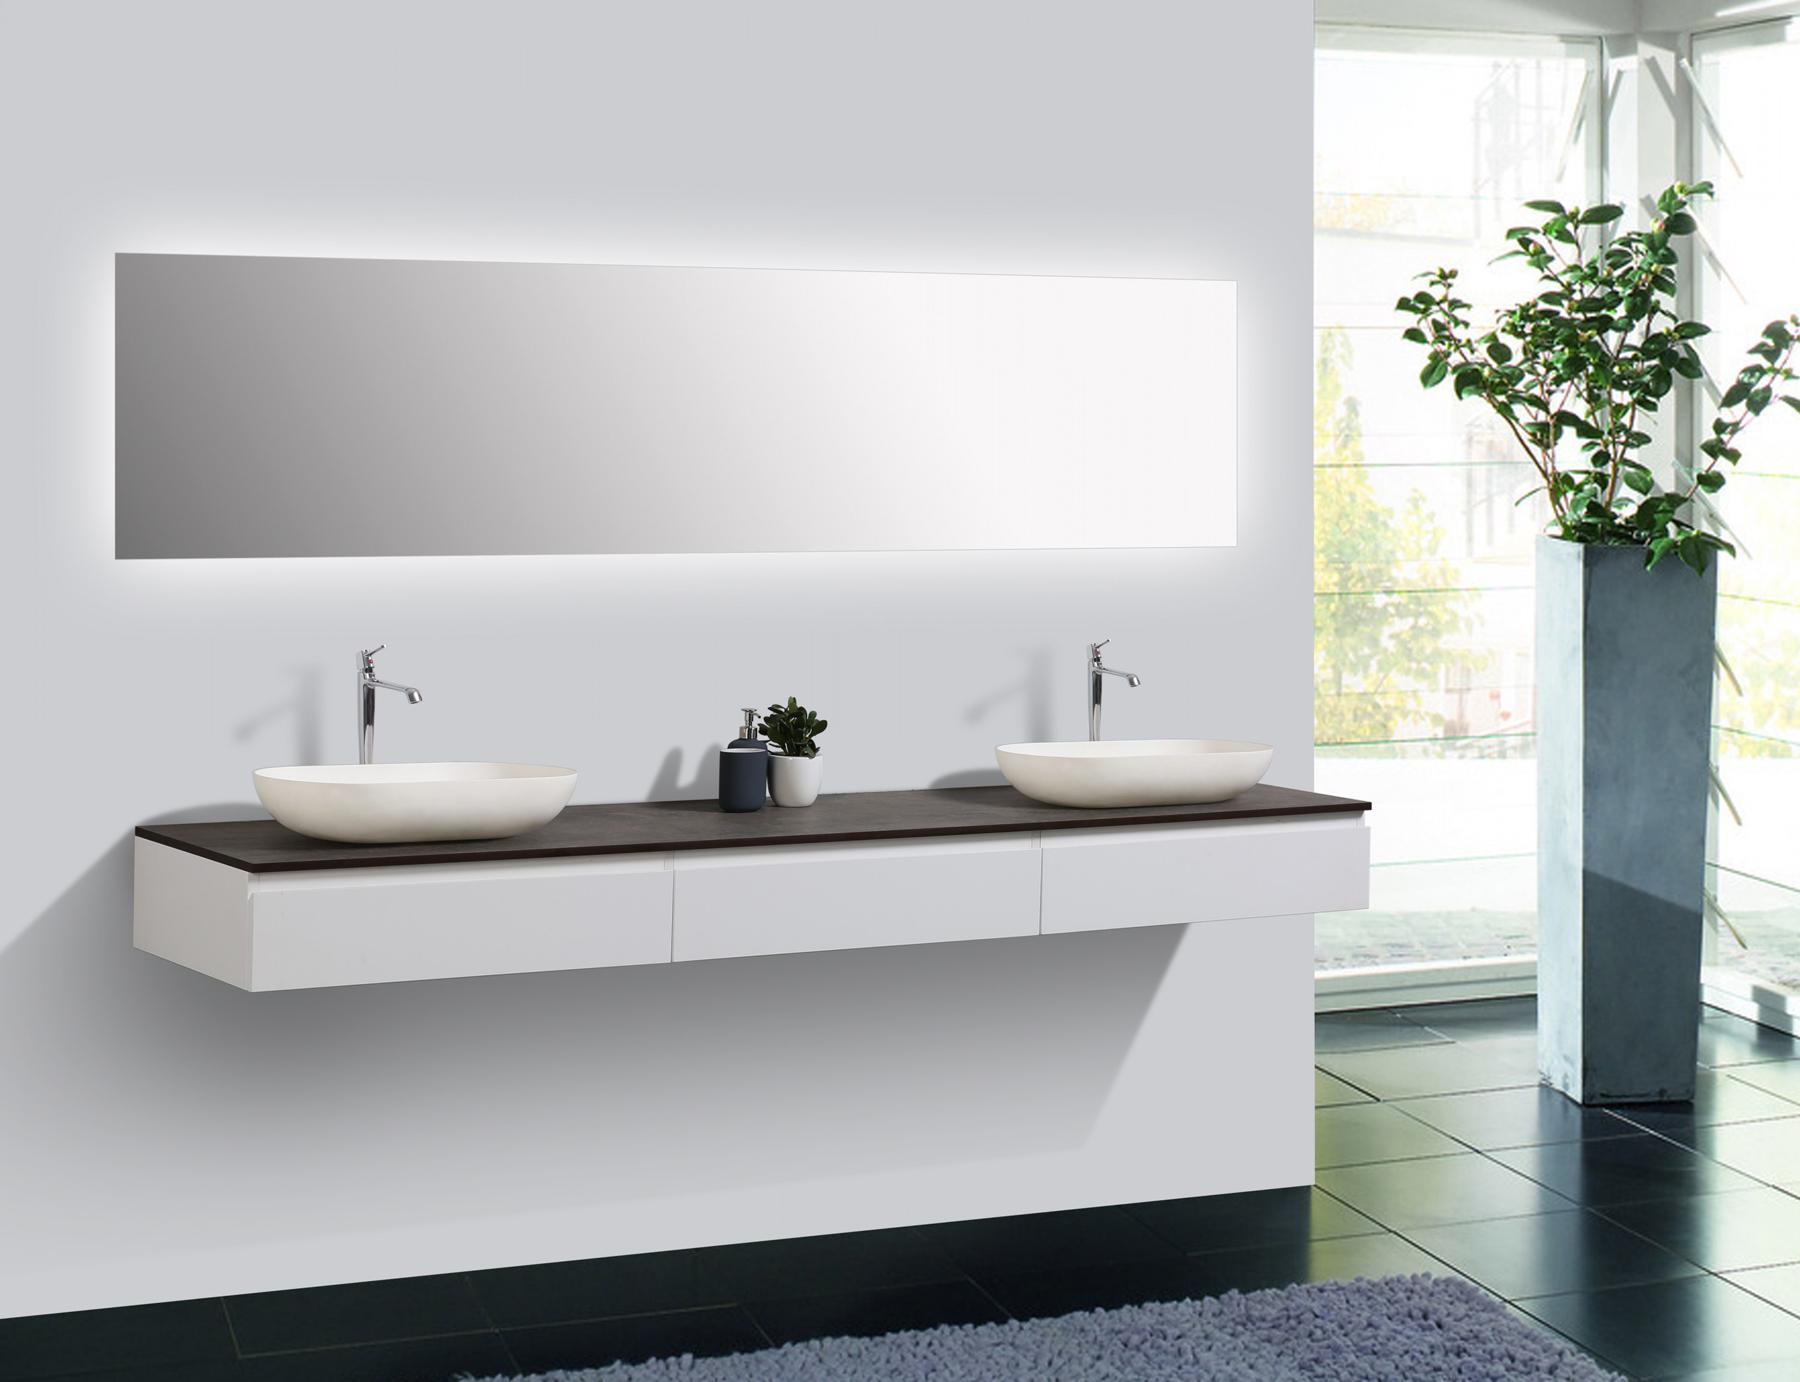 badm bel vision 2250 wei matt aufsatzwaschbecken optional ebay. Black Bedroom Furniture Sets. Home Design Ideas